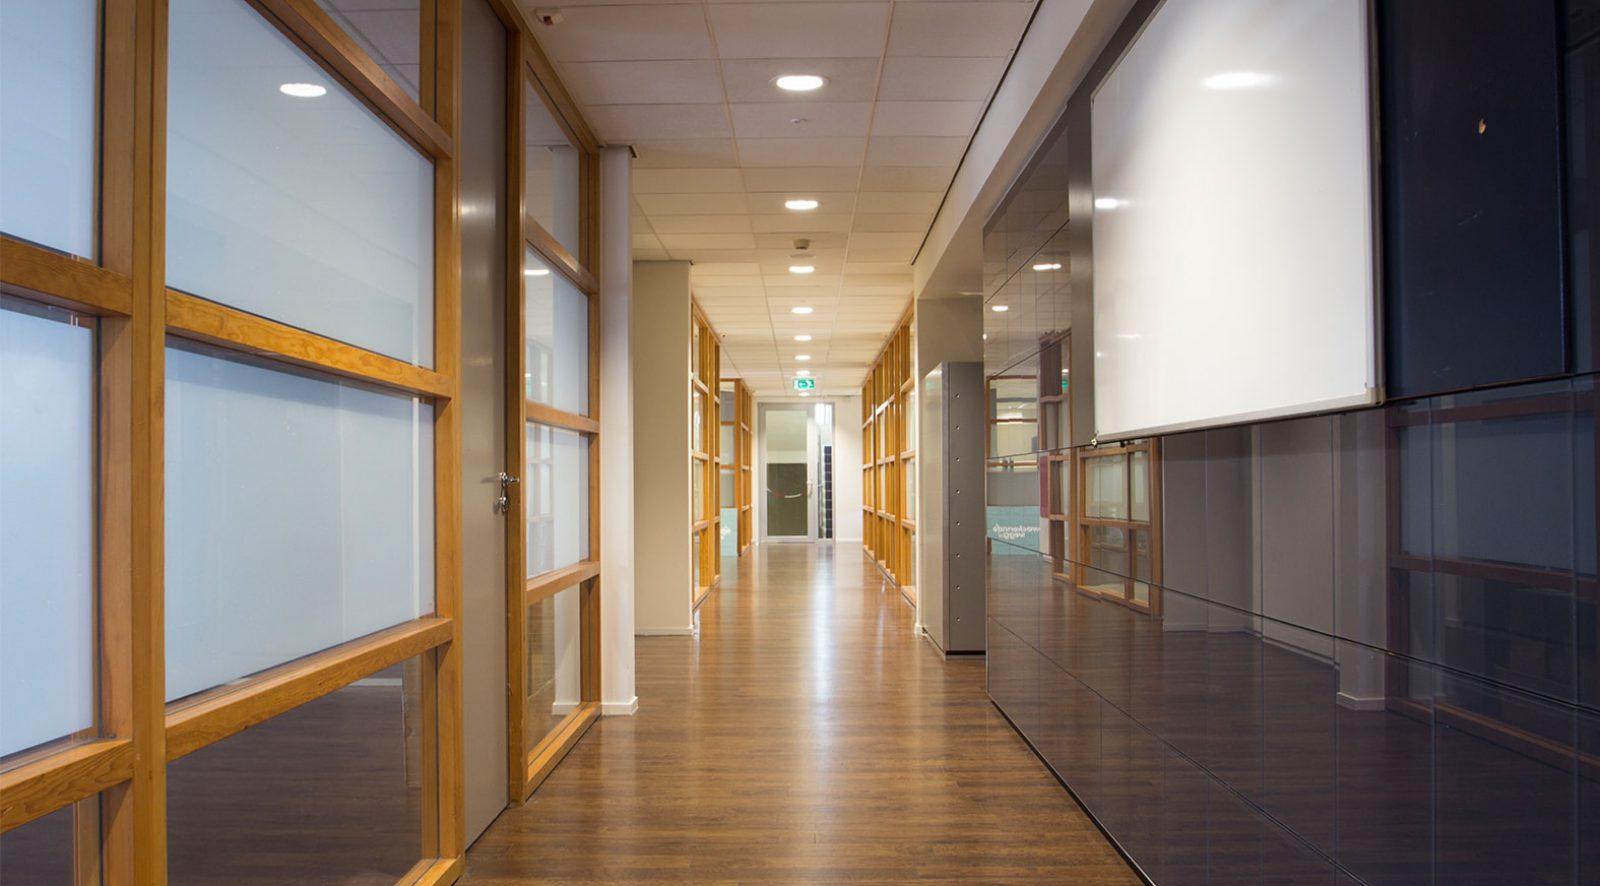 Bedrijfsruimte huren in Aalsmeer | Studio's Aalsmeer | Crown Business Center Aalsmeer